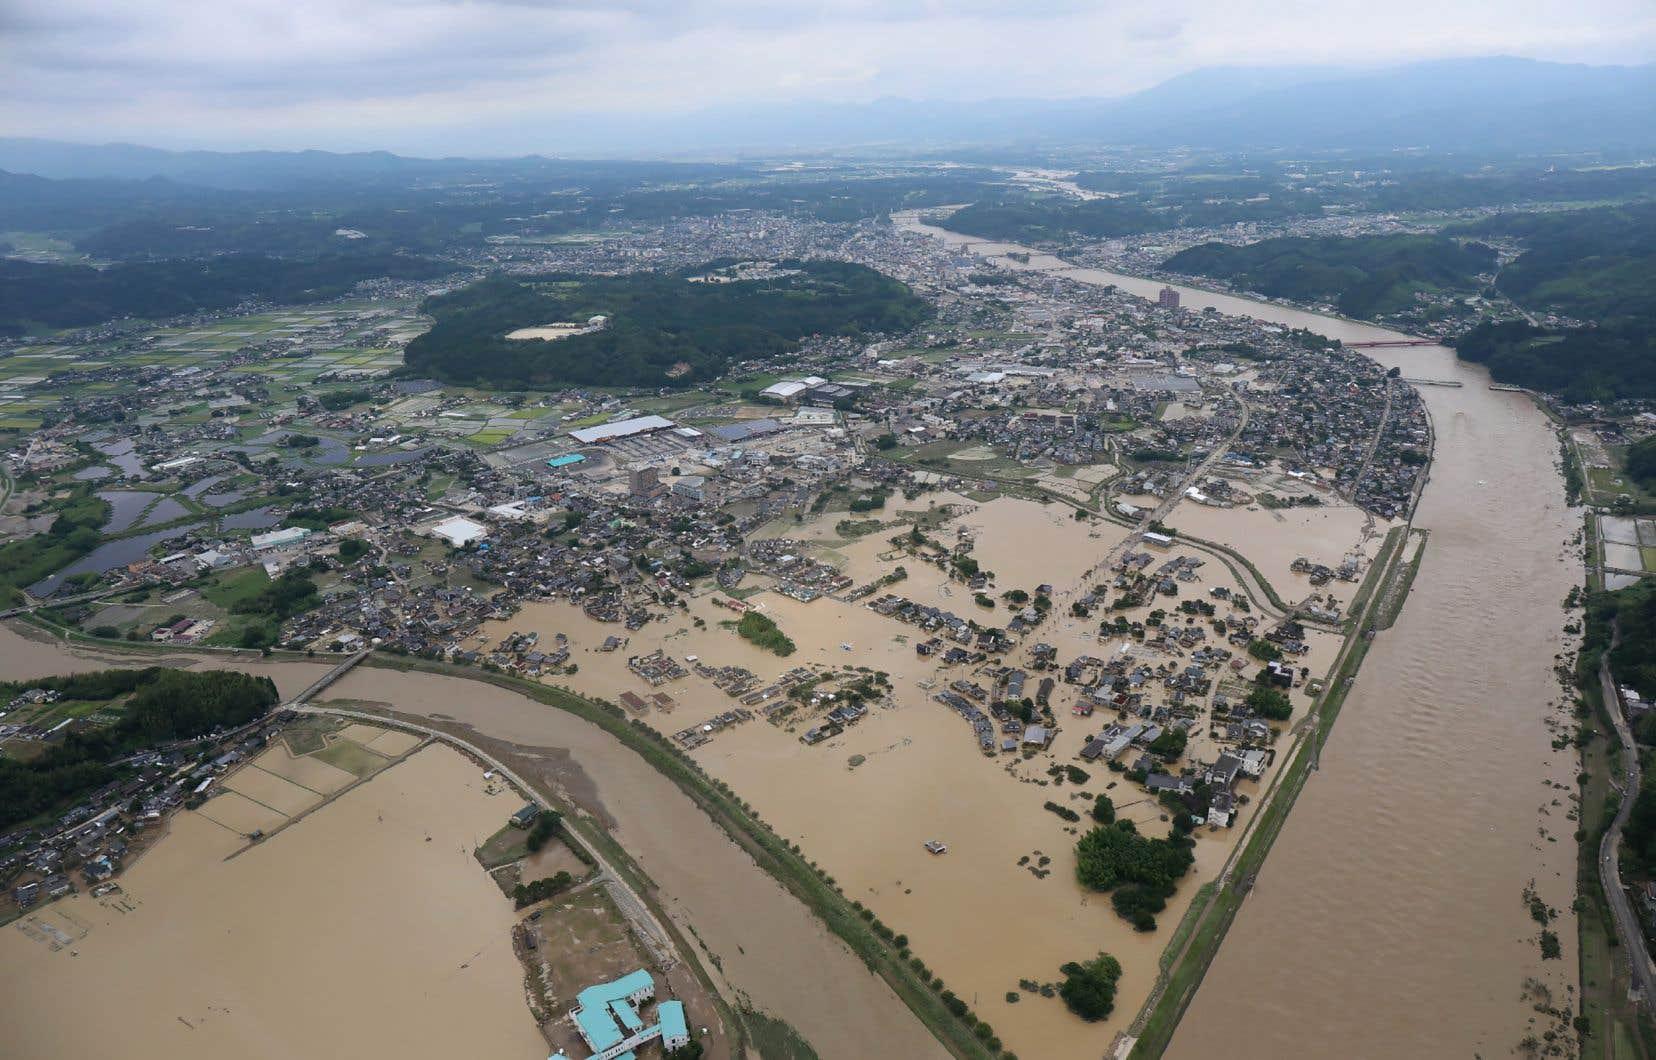 Routes et ponts ont été emportés par les inondations, isolant certaines localités de la région de Kumamoto du reste du monde.